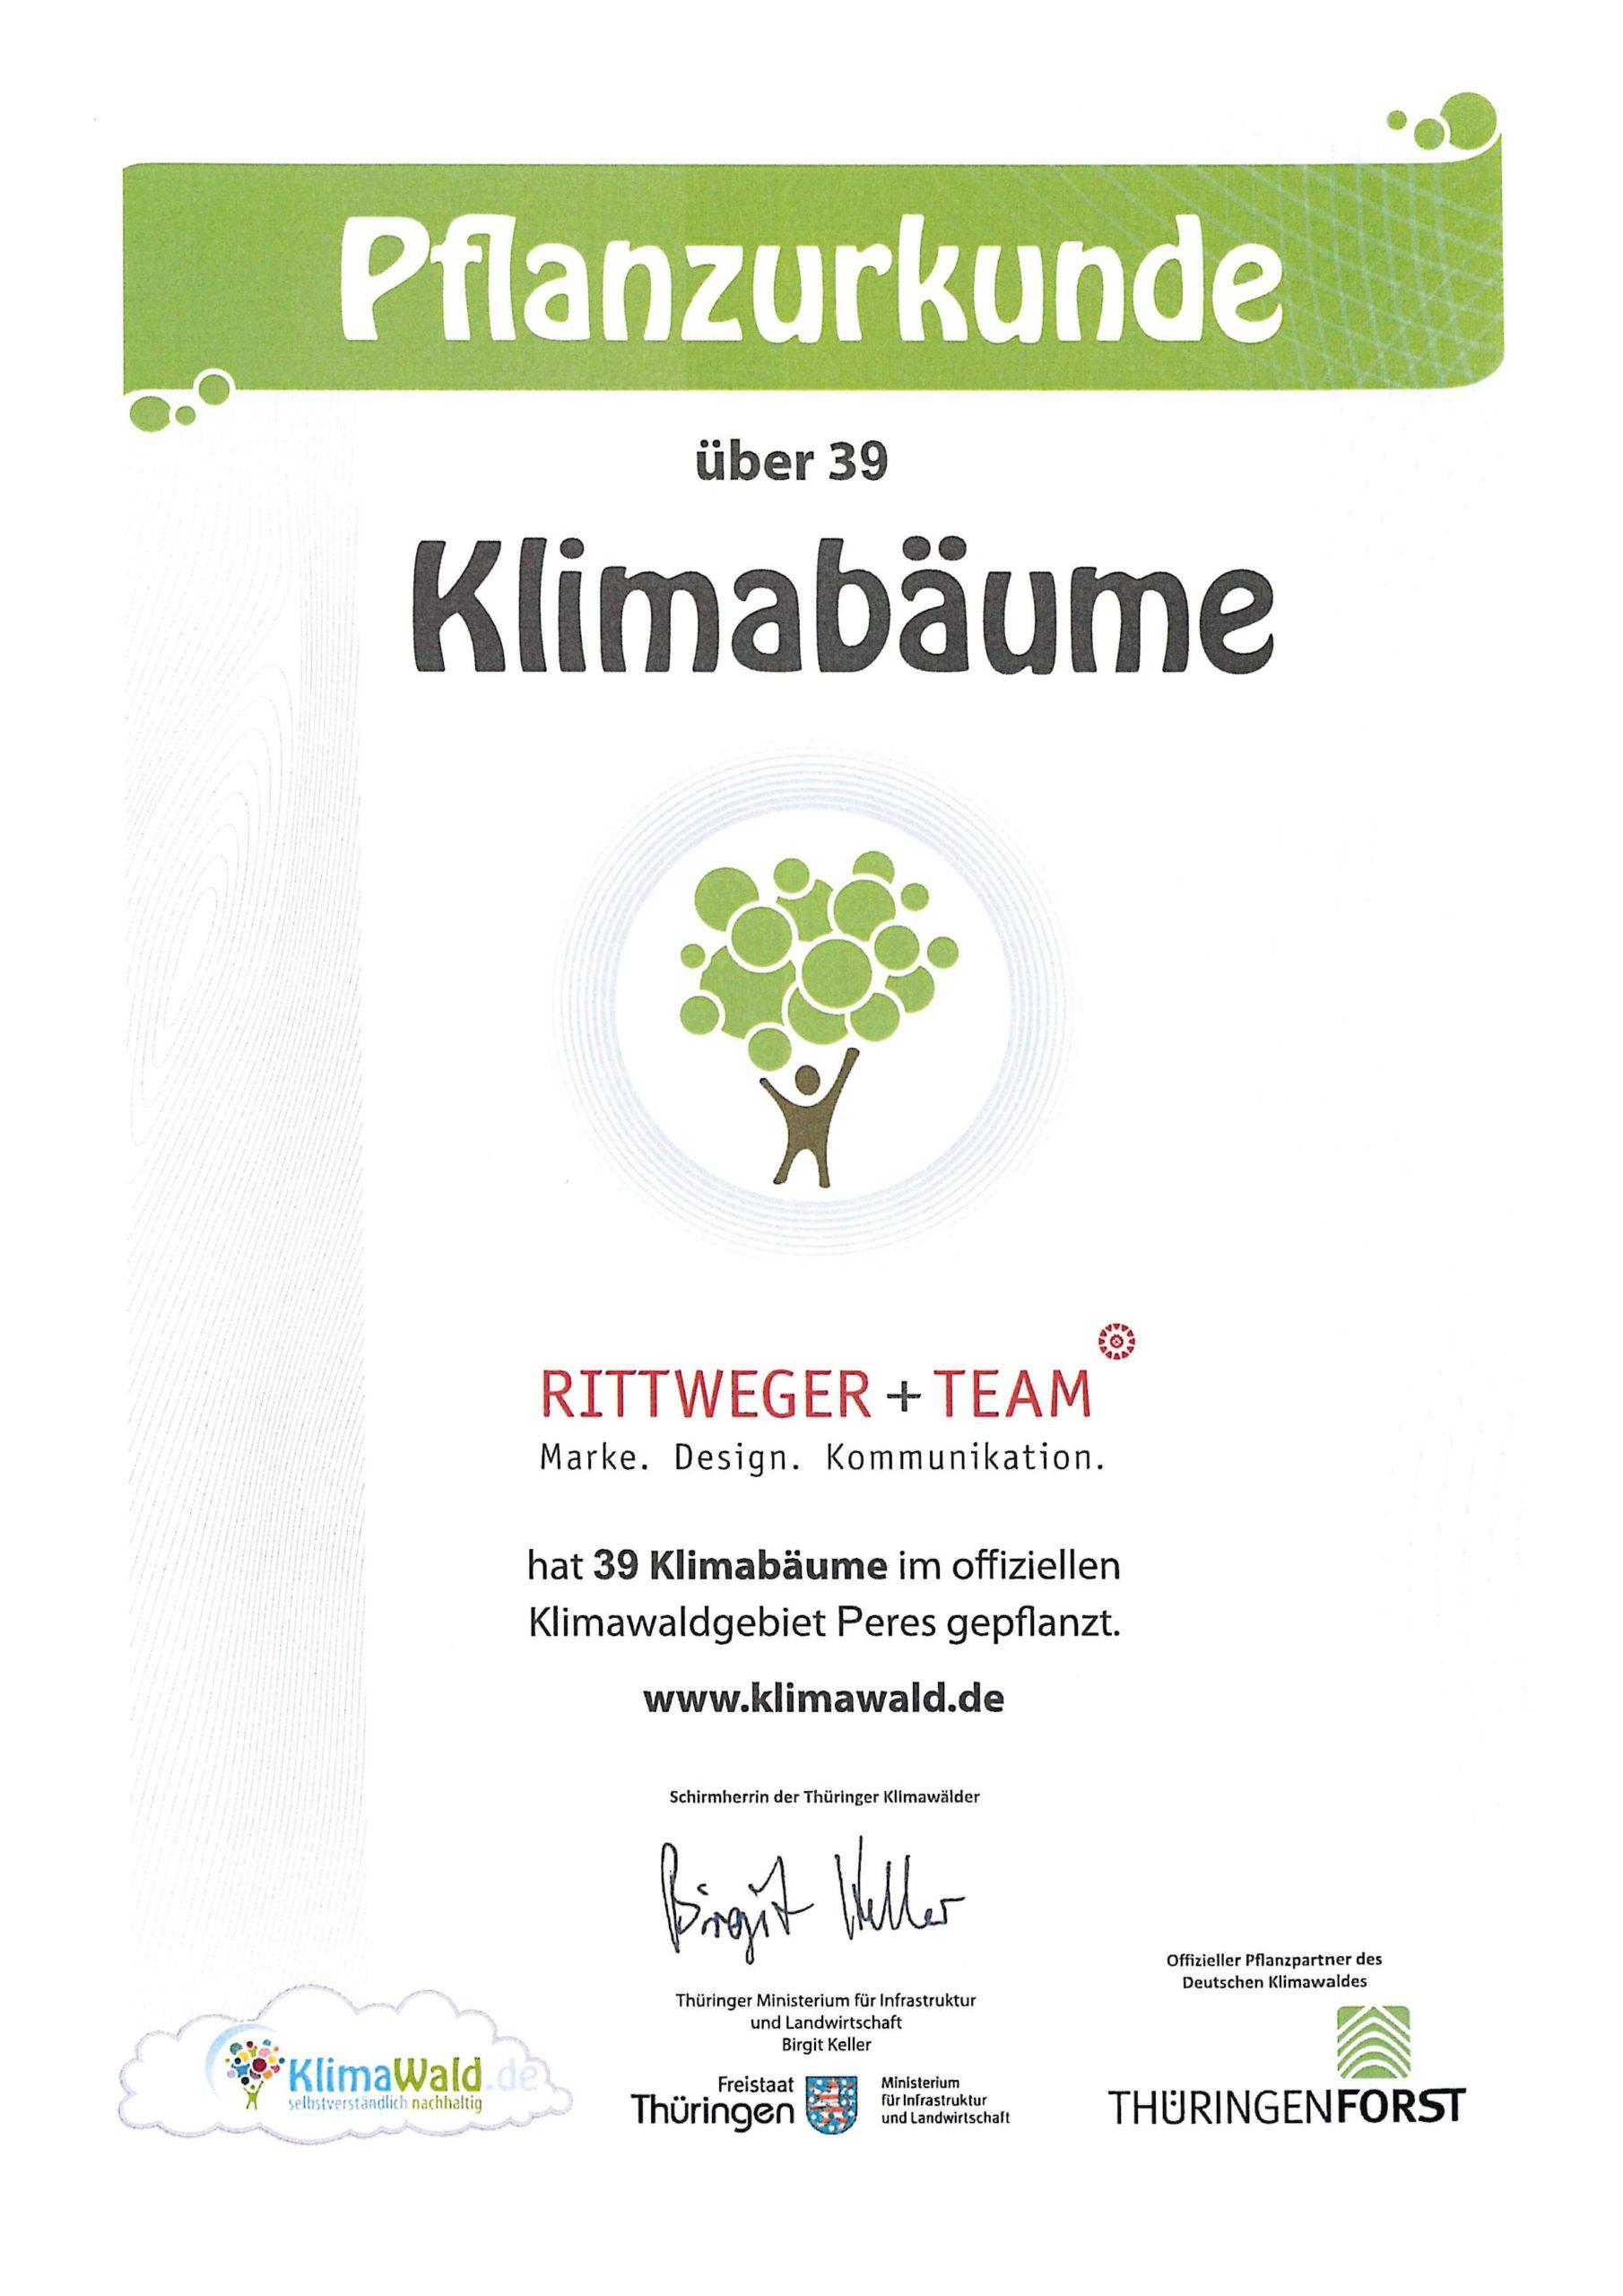 Klimaurkunde – RITTWEGER + TEAM Werbeagentur GmbH hat 39 Klimabäume im offiziellen Klimawaldgebiet Wollersleben gepflanzt.